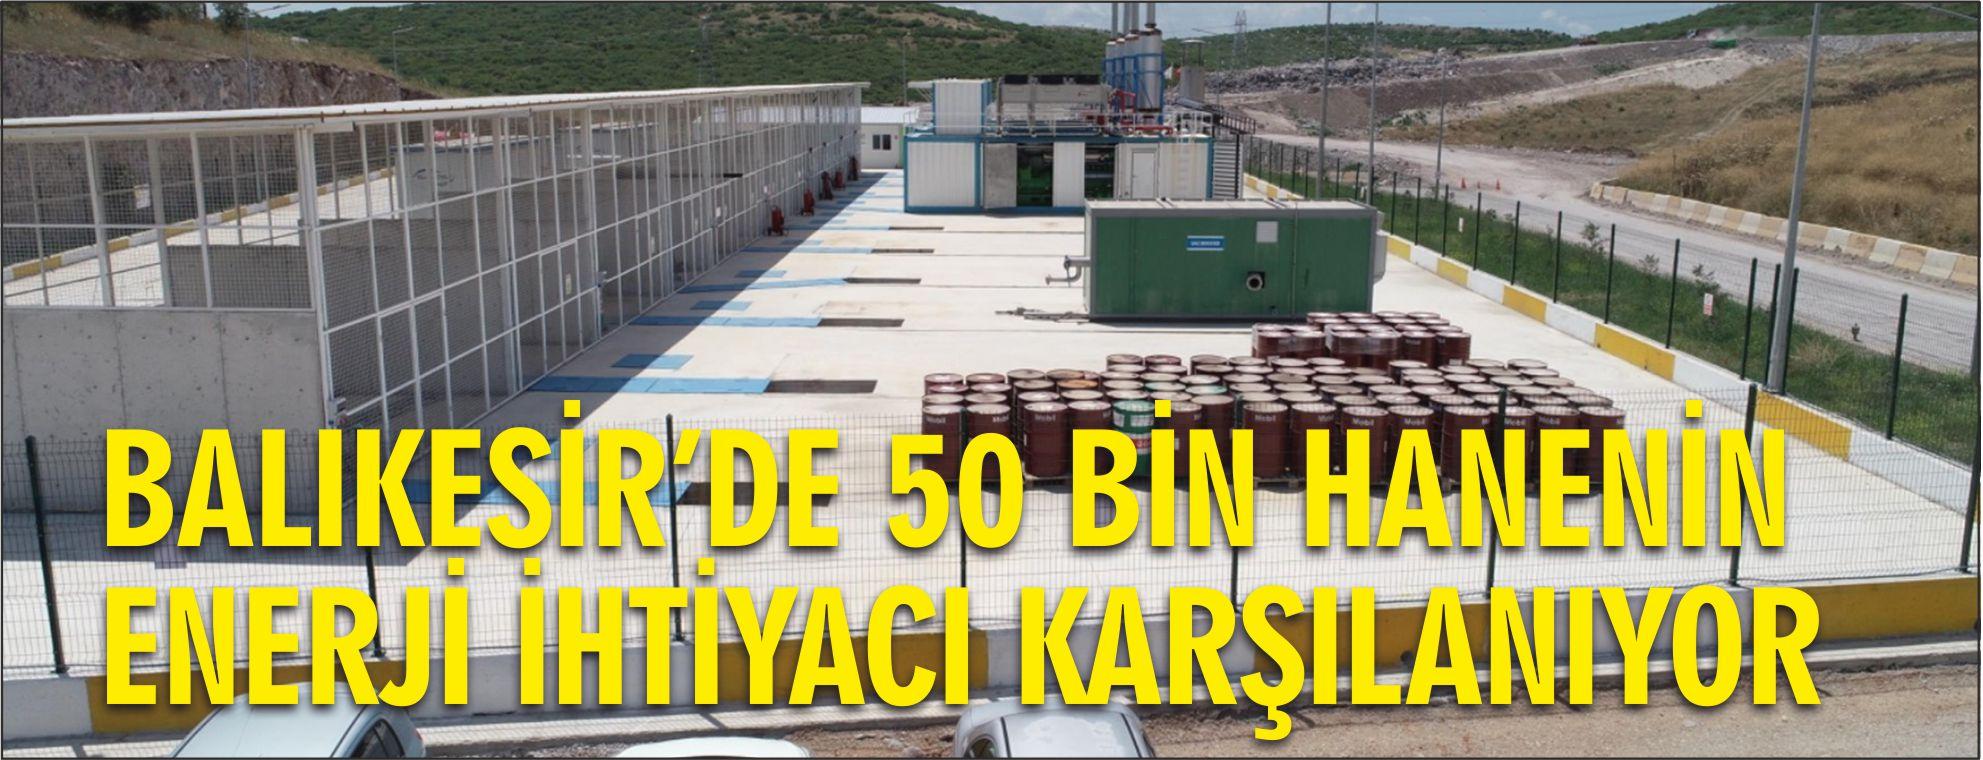 BALIKESİR'DE 50 BİN HANENİN ENERJİ İHTİYACI KARŞILANIYOR